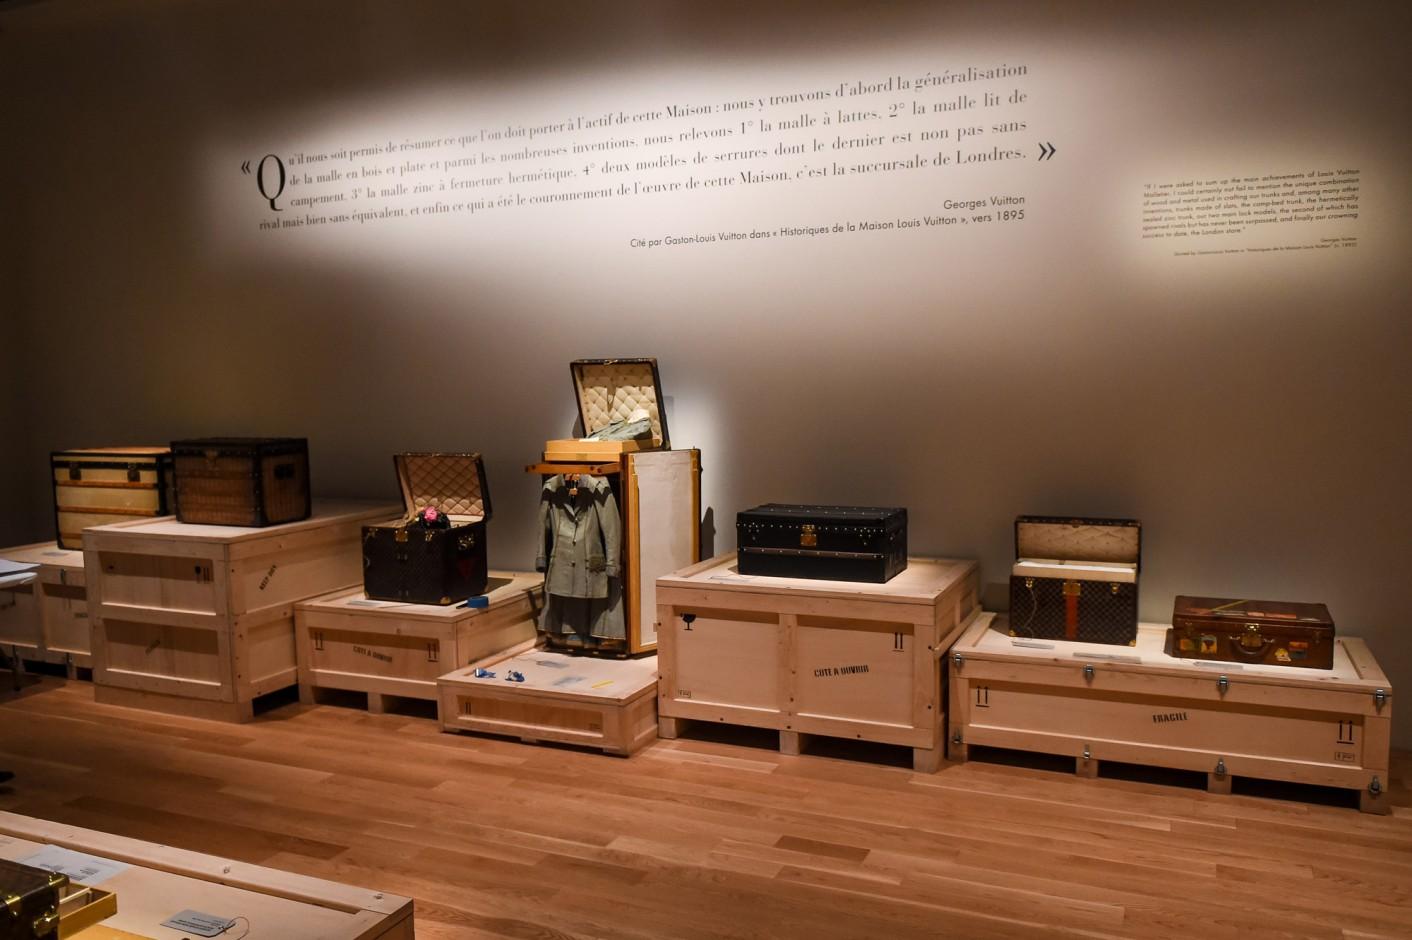 louis-vuitton-volez-voguez-voyagez-exhibition-new-york-3